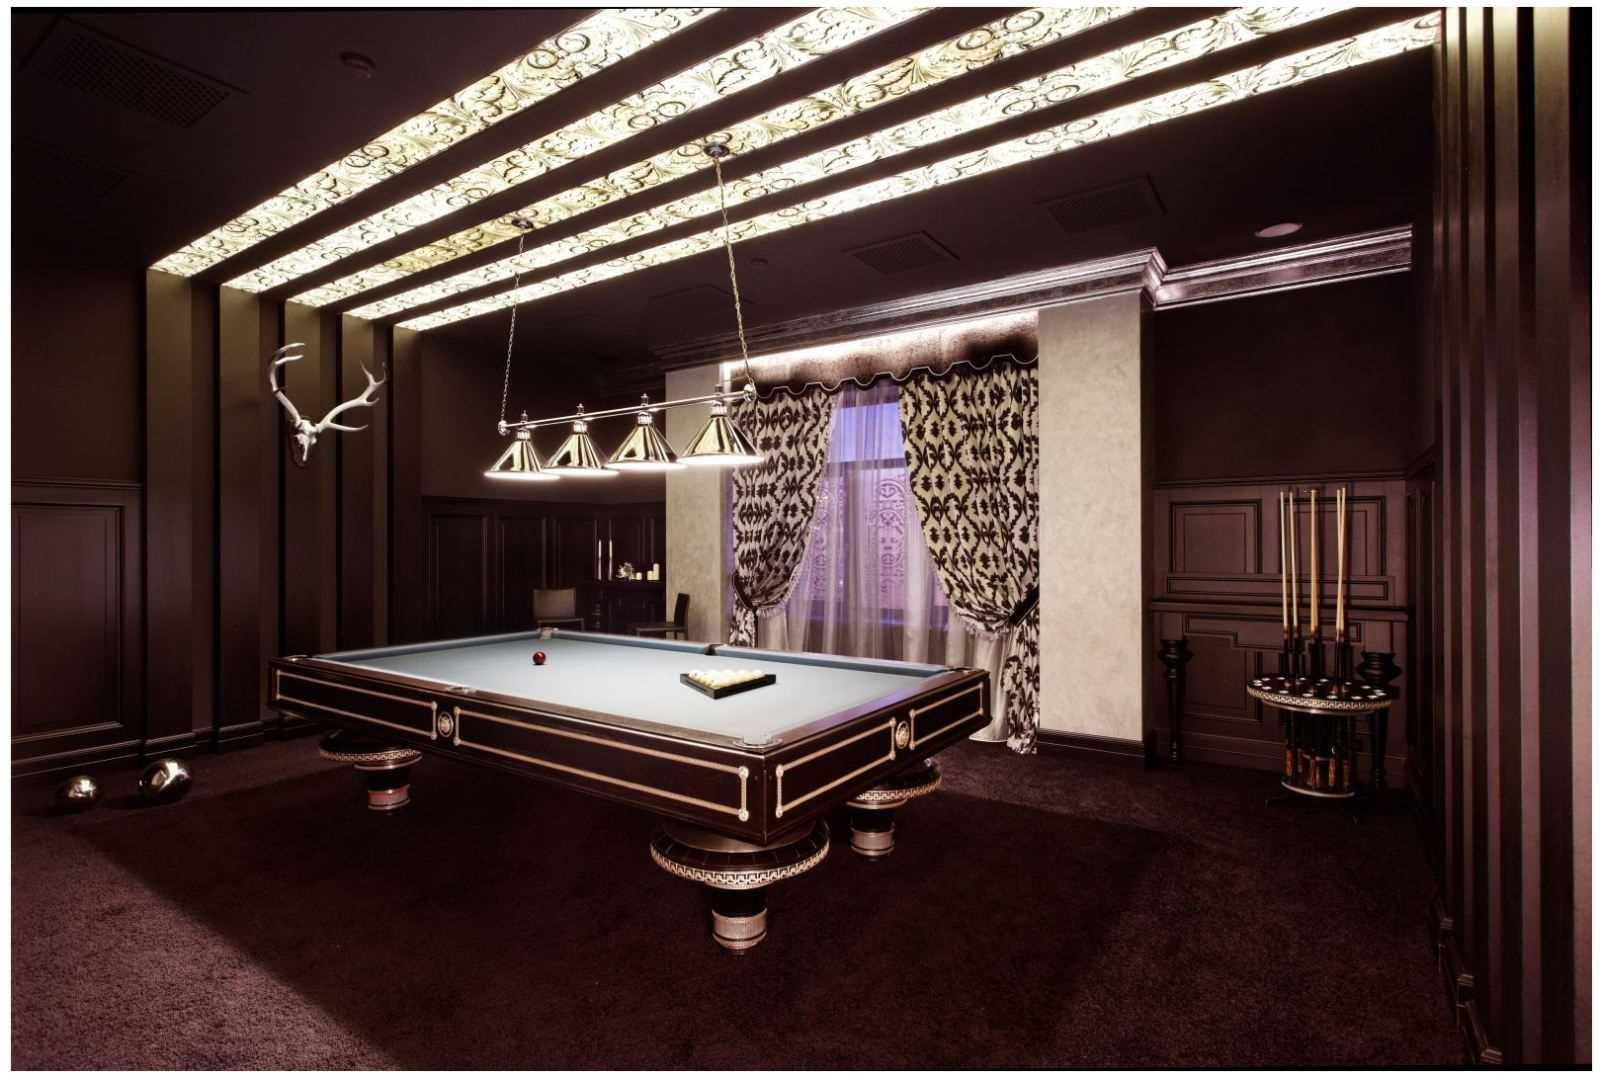 бильярдная комната стильный интерьер